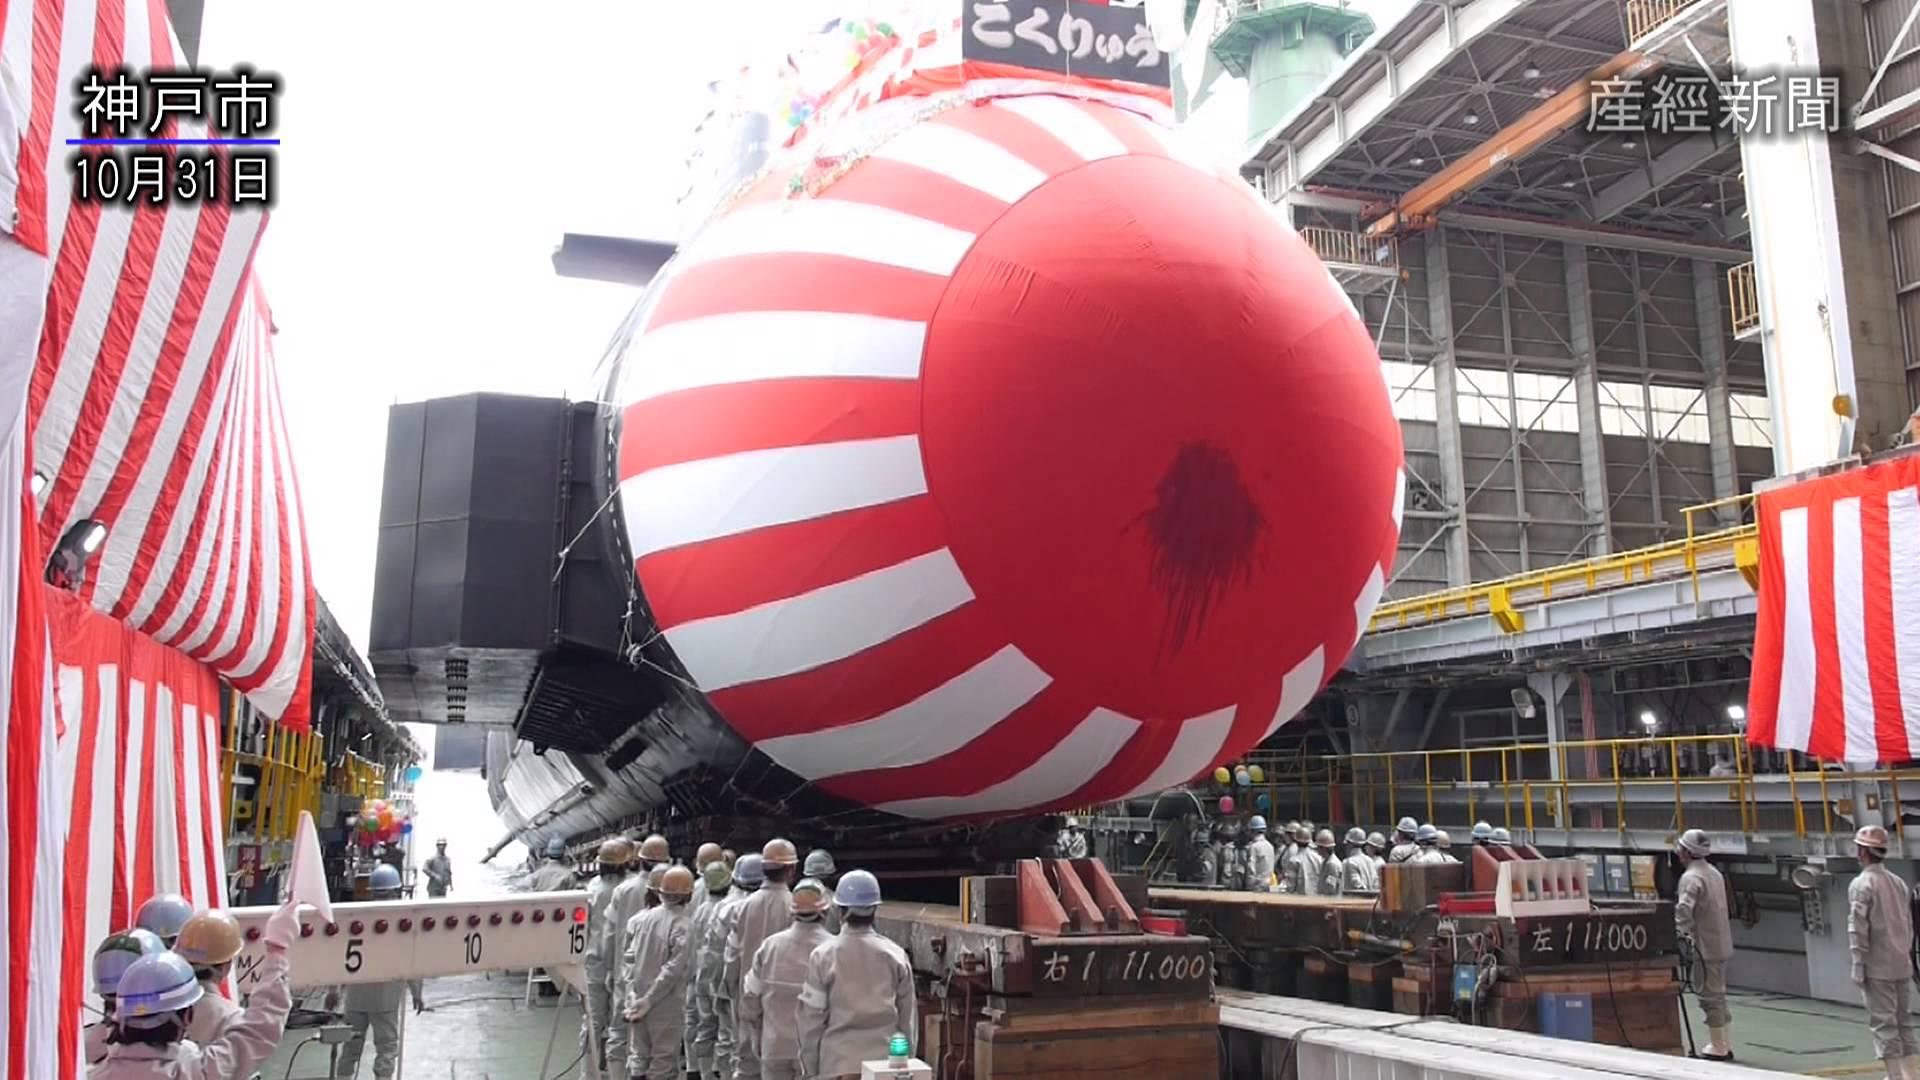 旭日旗を被った潜水艦TENGA